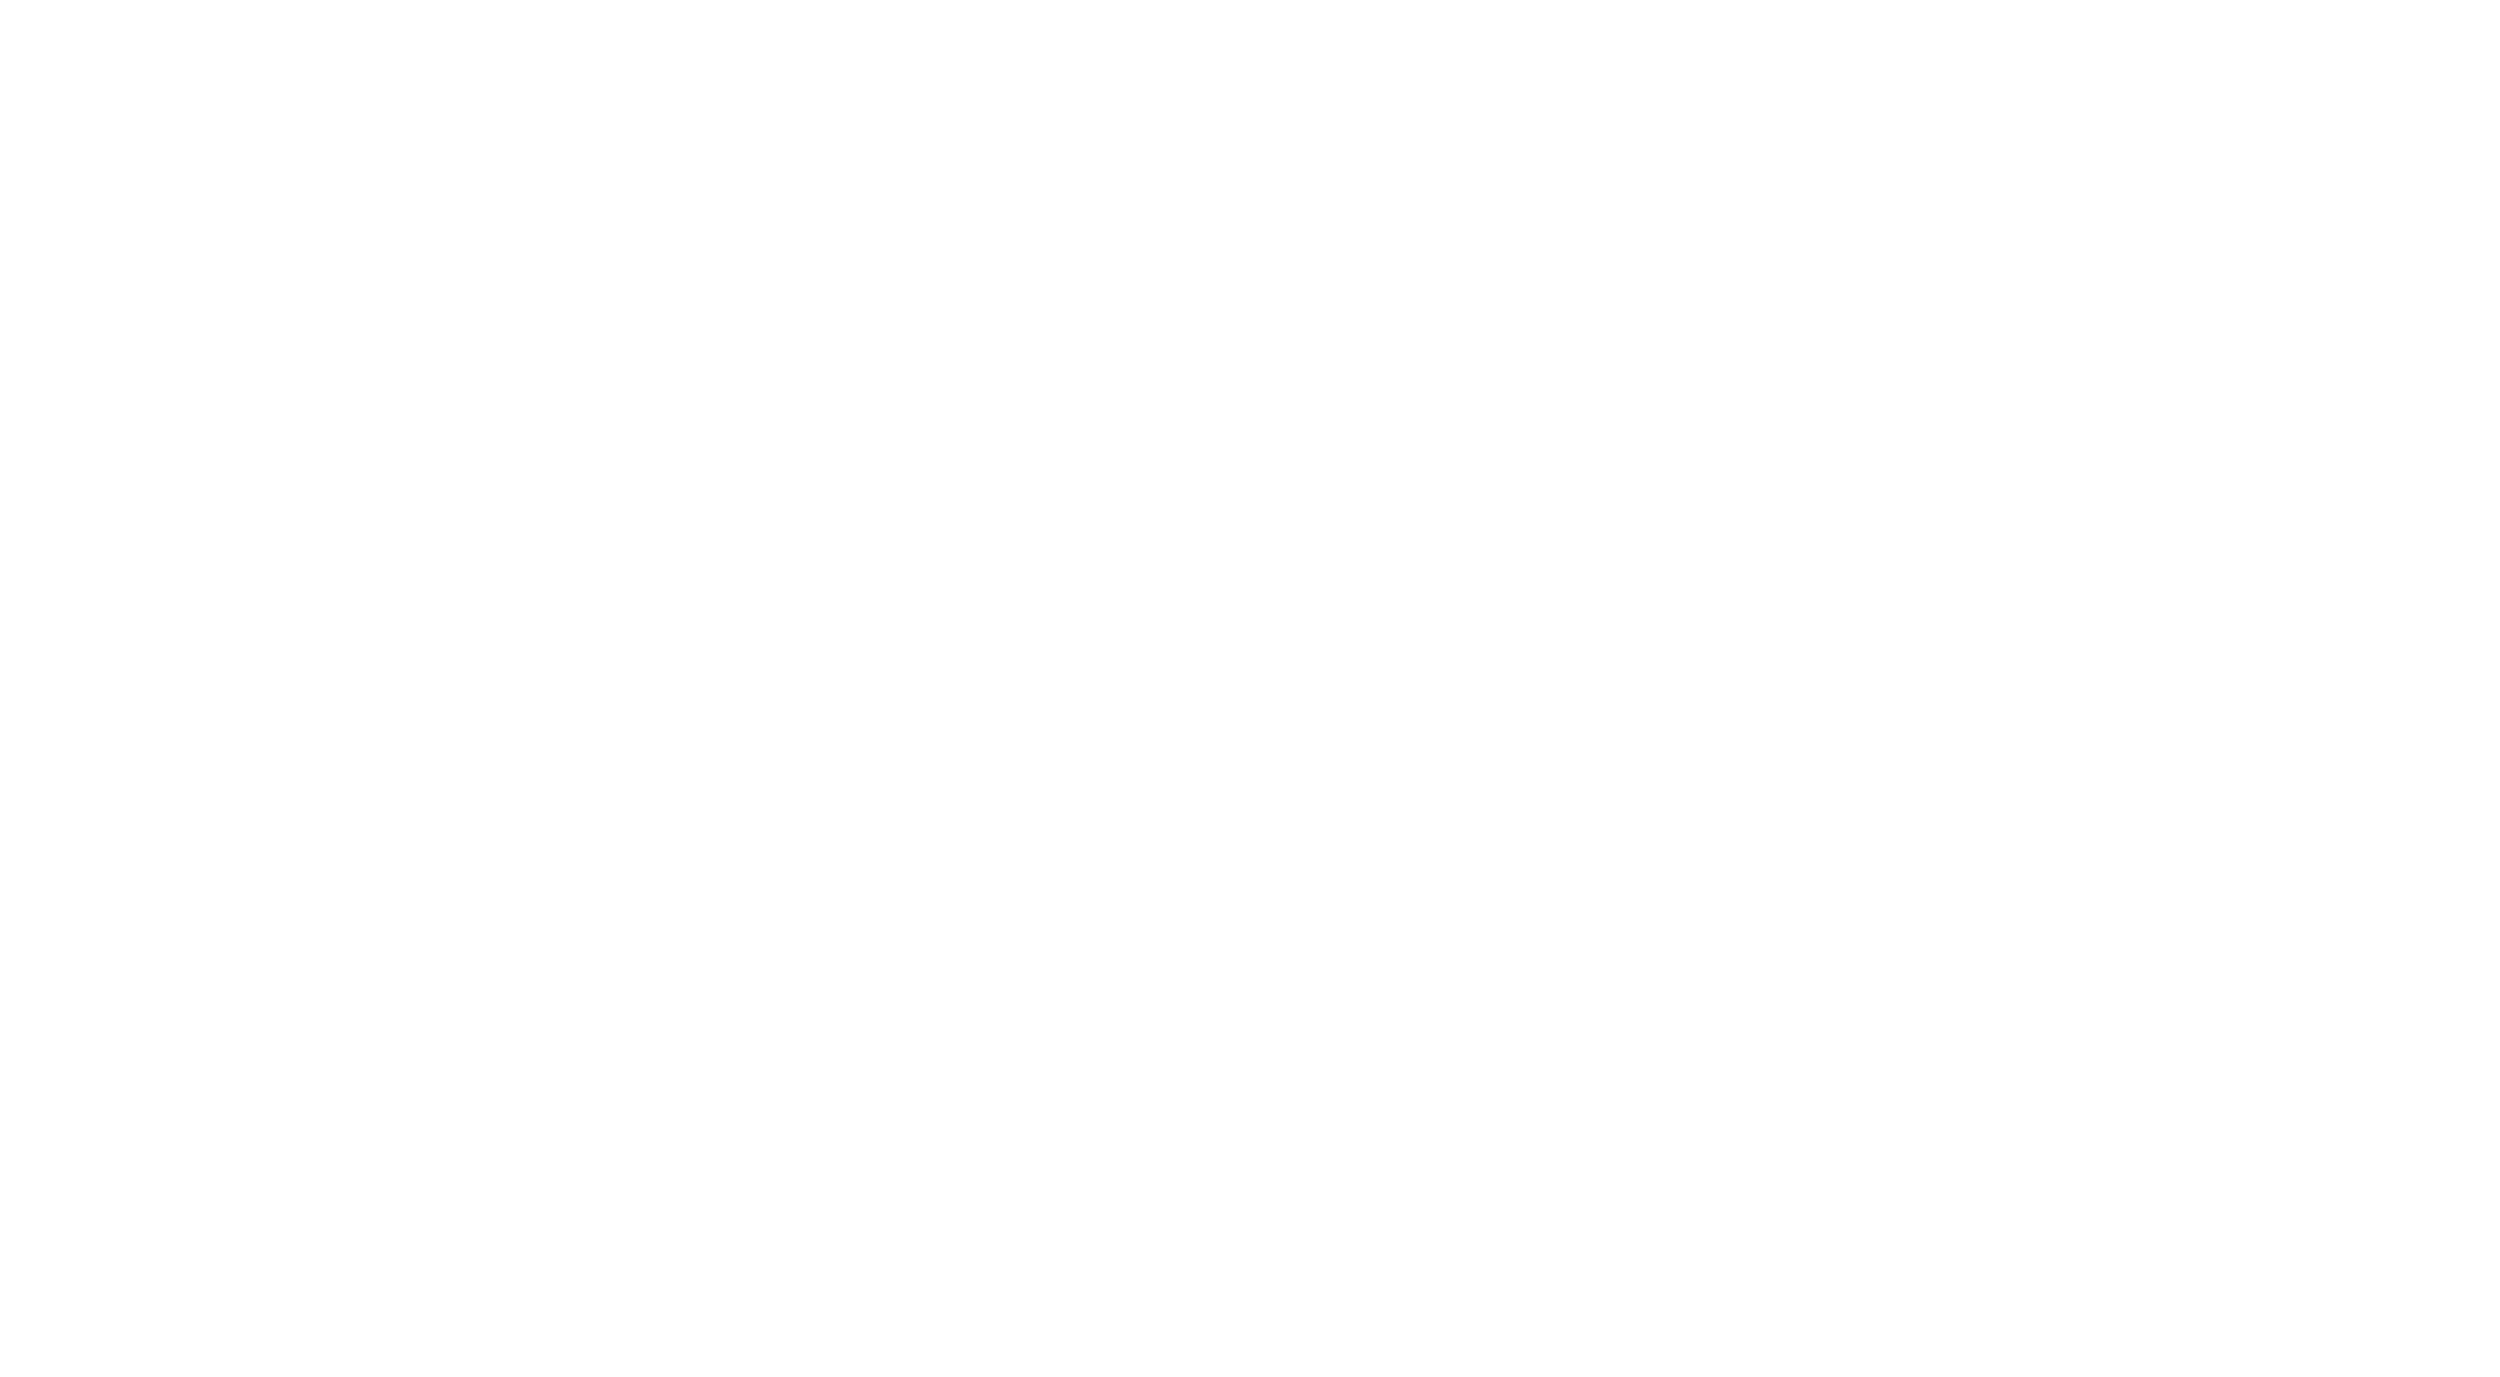 White Spintertainment Logo...